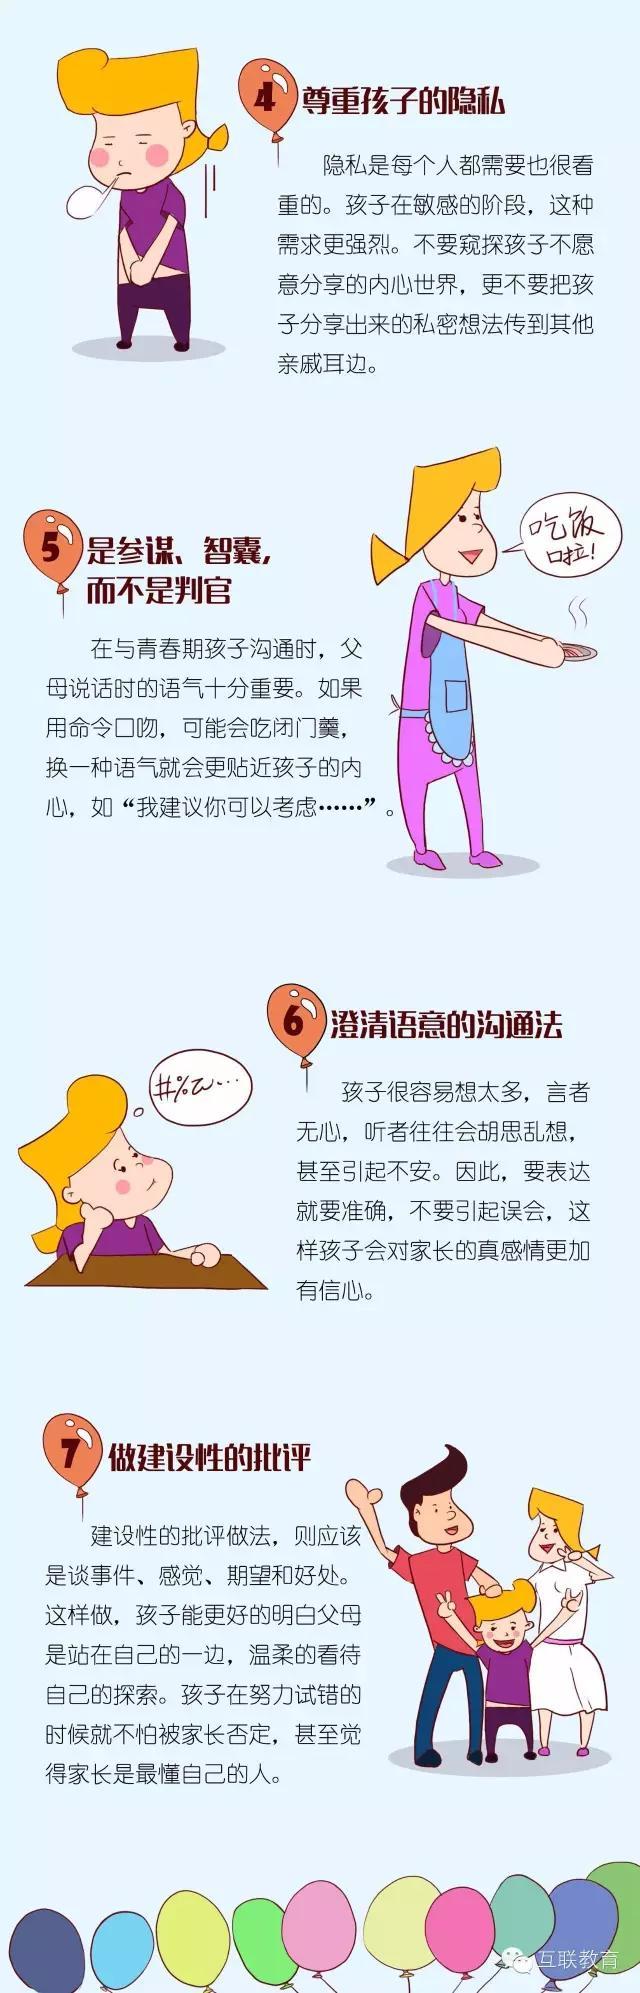 一图读懂:亲子沟通七大黄金法则